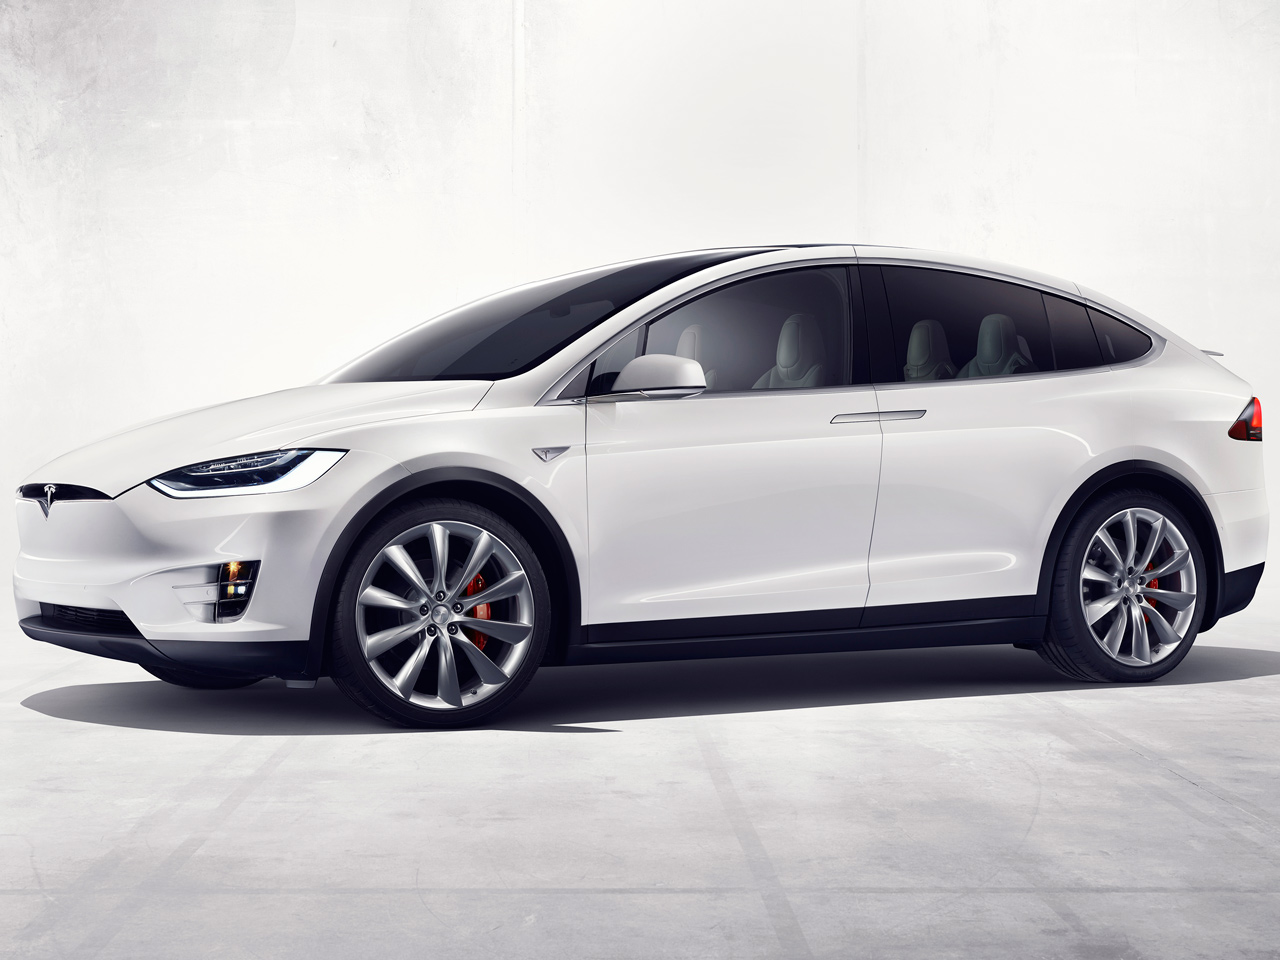 テスラ モデルX 2016年モデル 新車画像